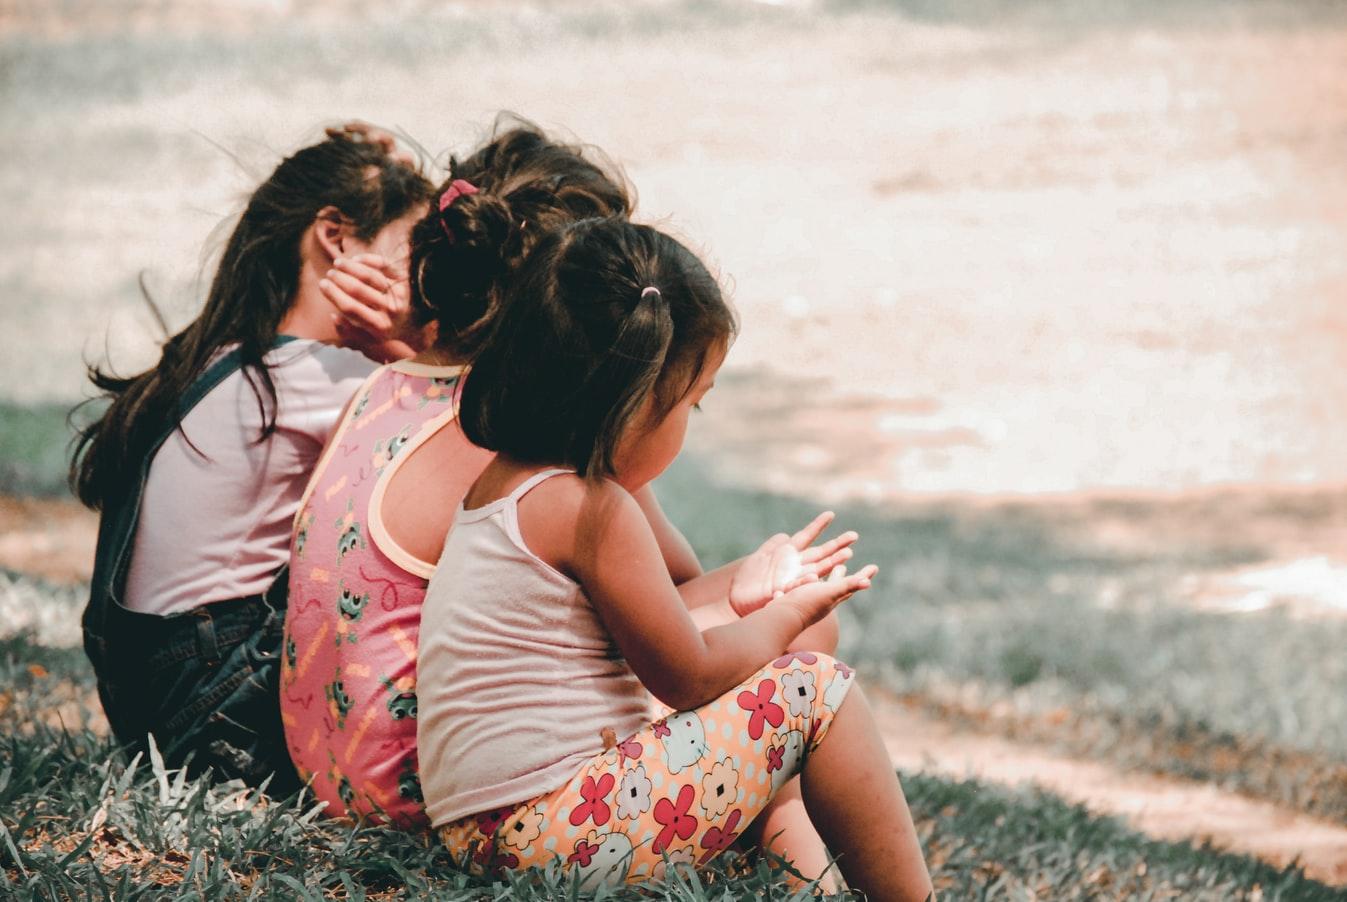 Viacero výskumov už ukázalo, že dobré sociálne zručnosti sú pre deti v úspechu jedným z najvýznamnejších faktorov. / Zdroj: Unsplash